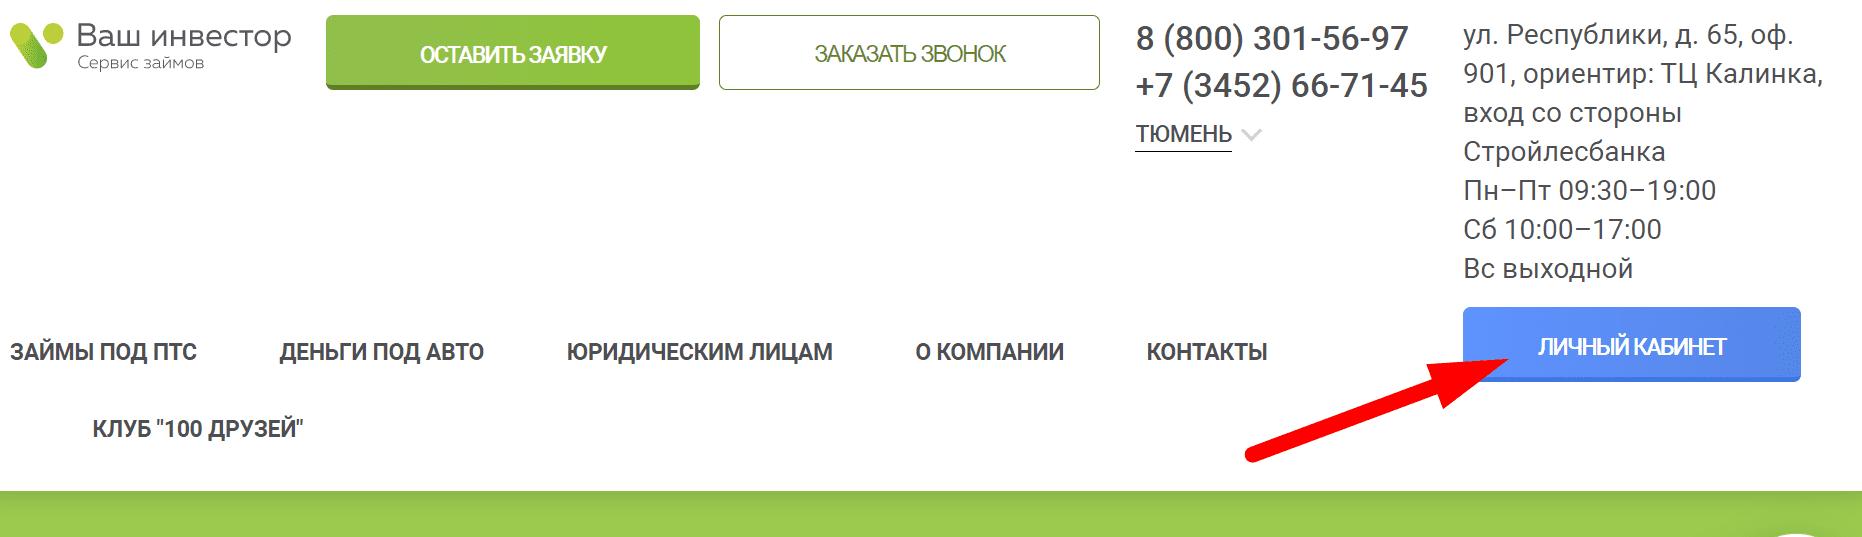 Ссылка на официальный сайт финансового помощника «Ваш инвестор» в Тюменской области